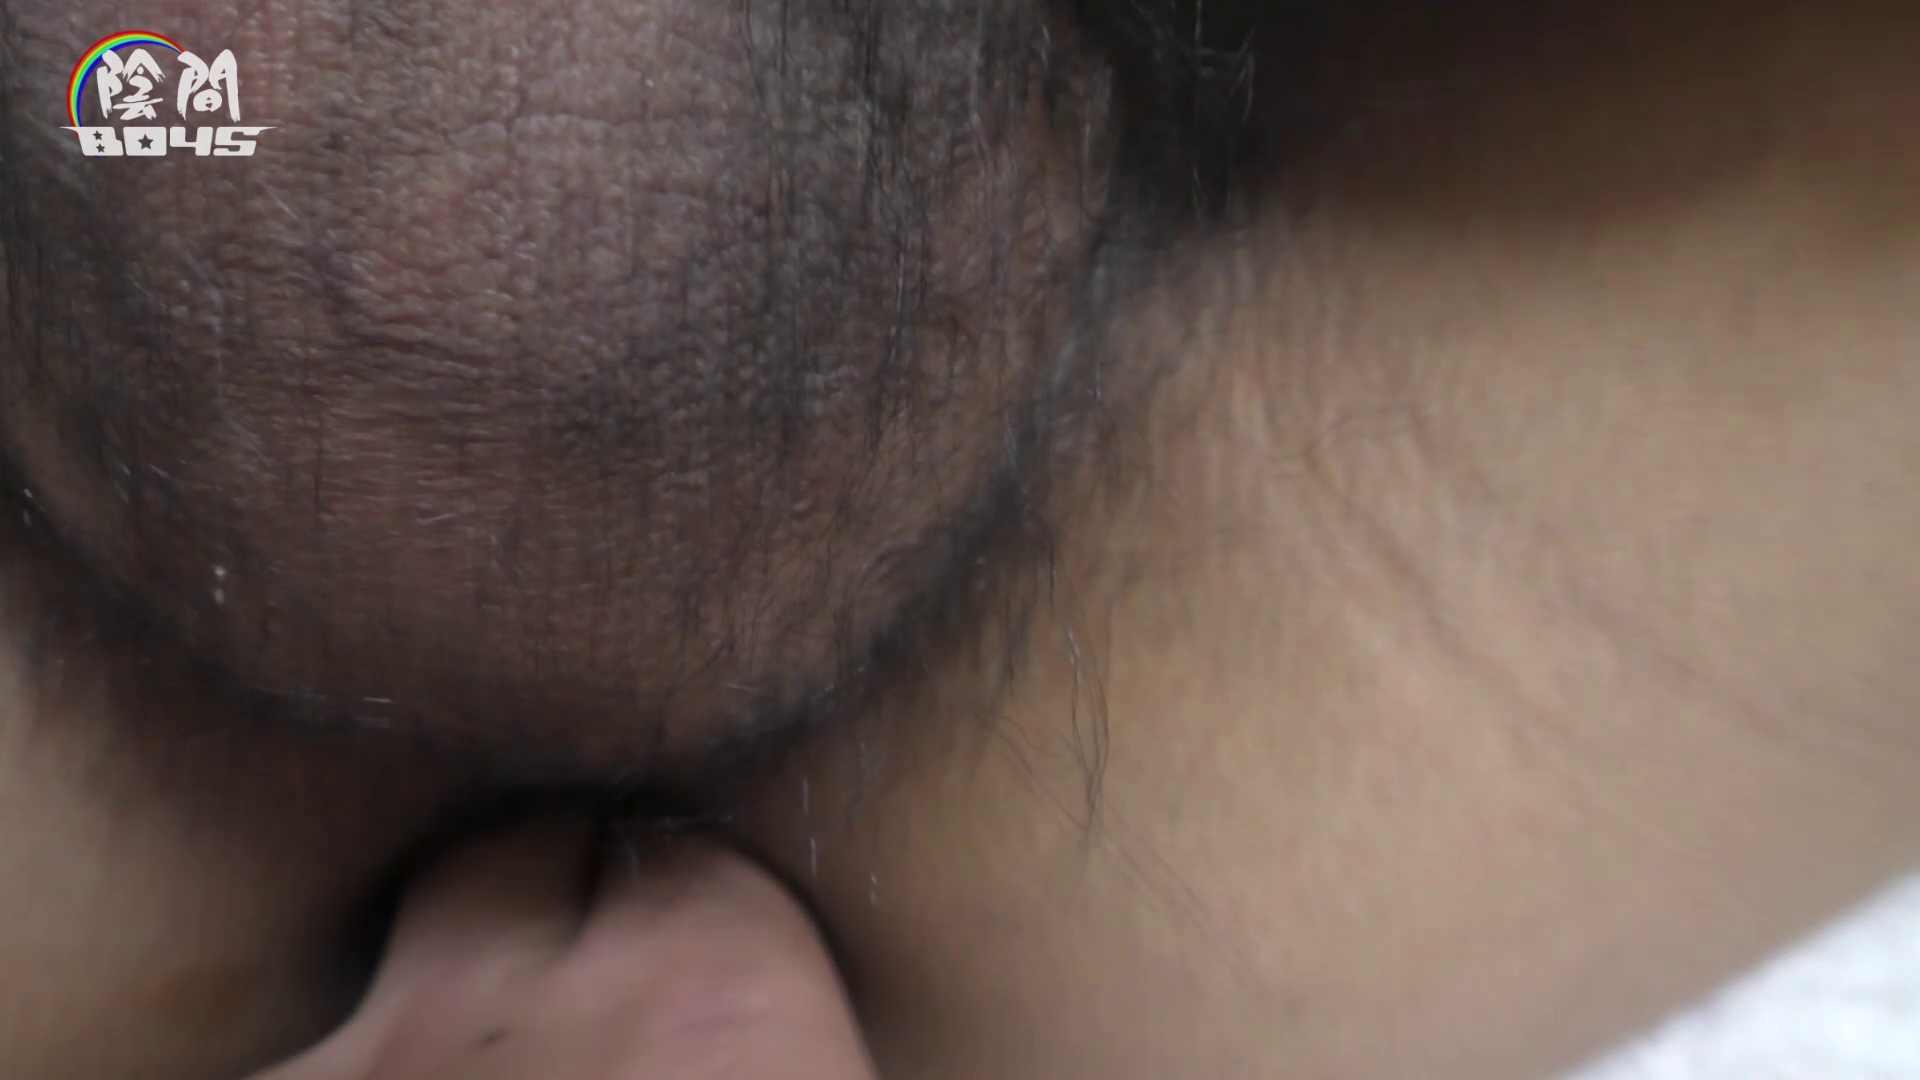 アナルは決して眠らない No.06 オナニー ゲイ無修正ビデオ画像 77pic 25